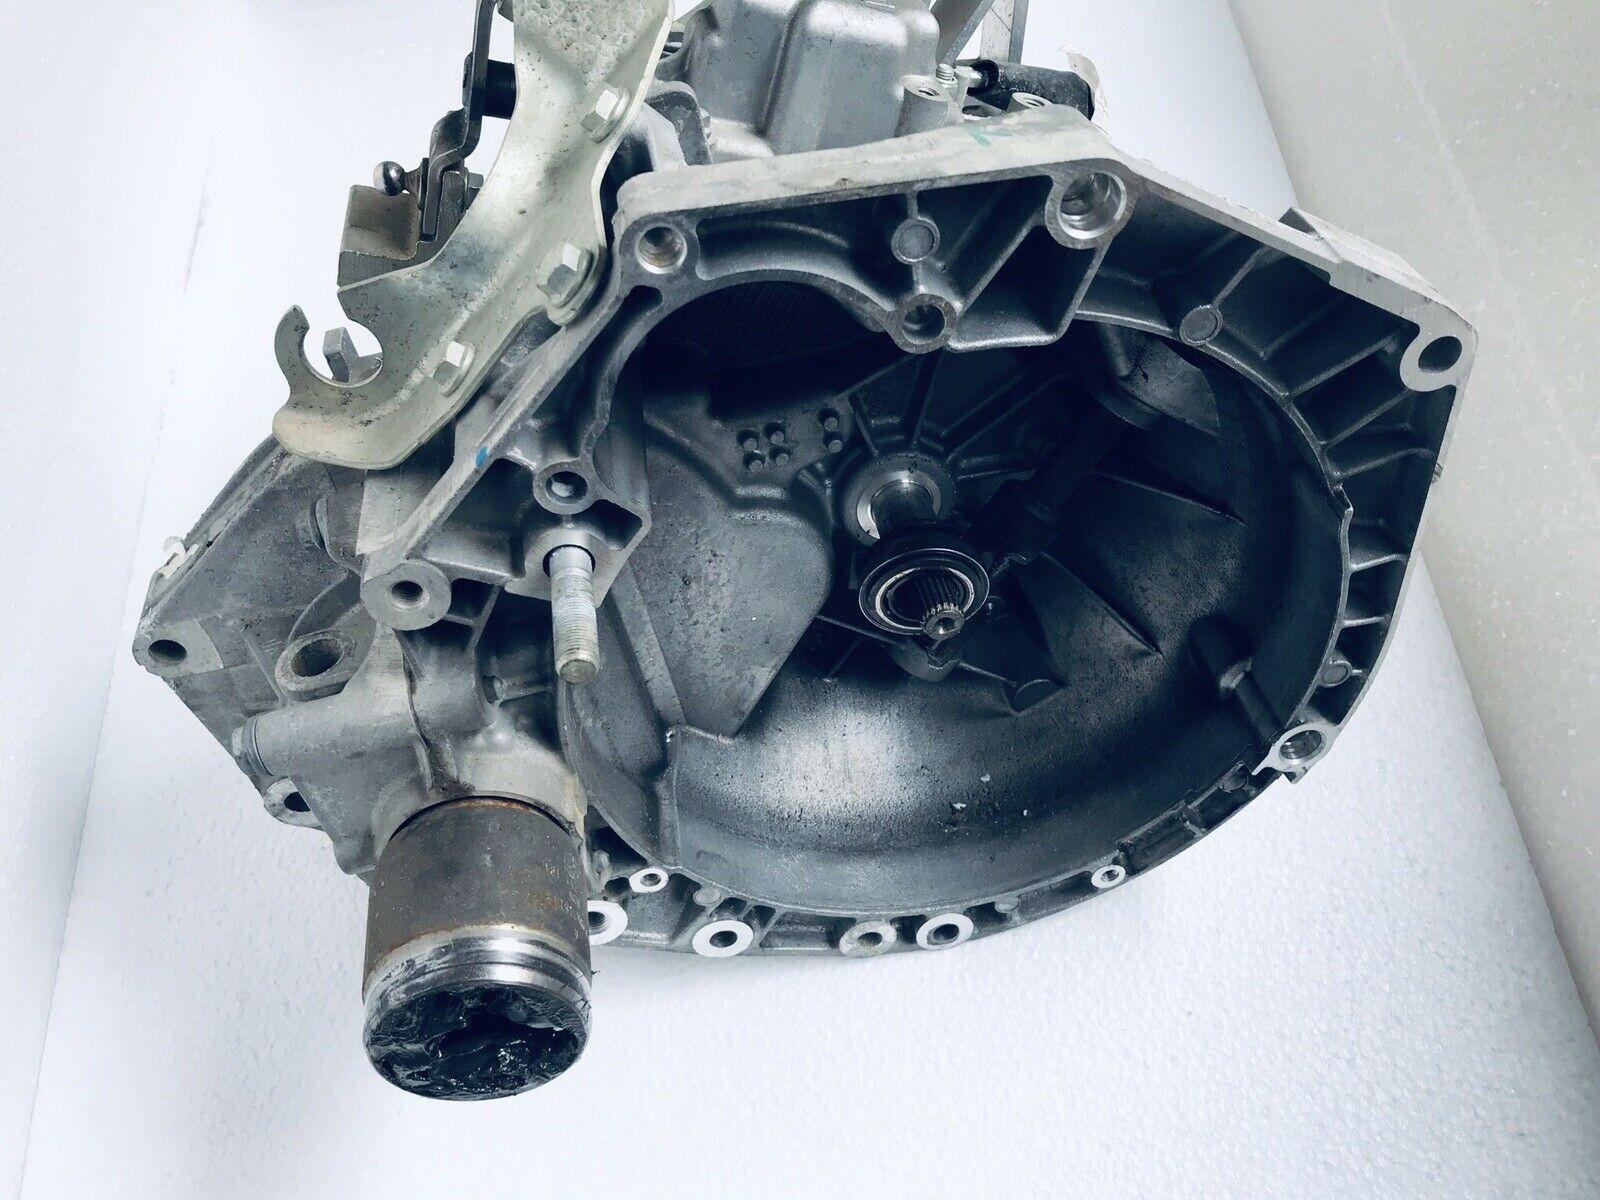 Cambio Marce Manuale Fiat 500 1.2 Benzina Anno 2011 Originale